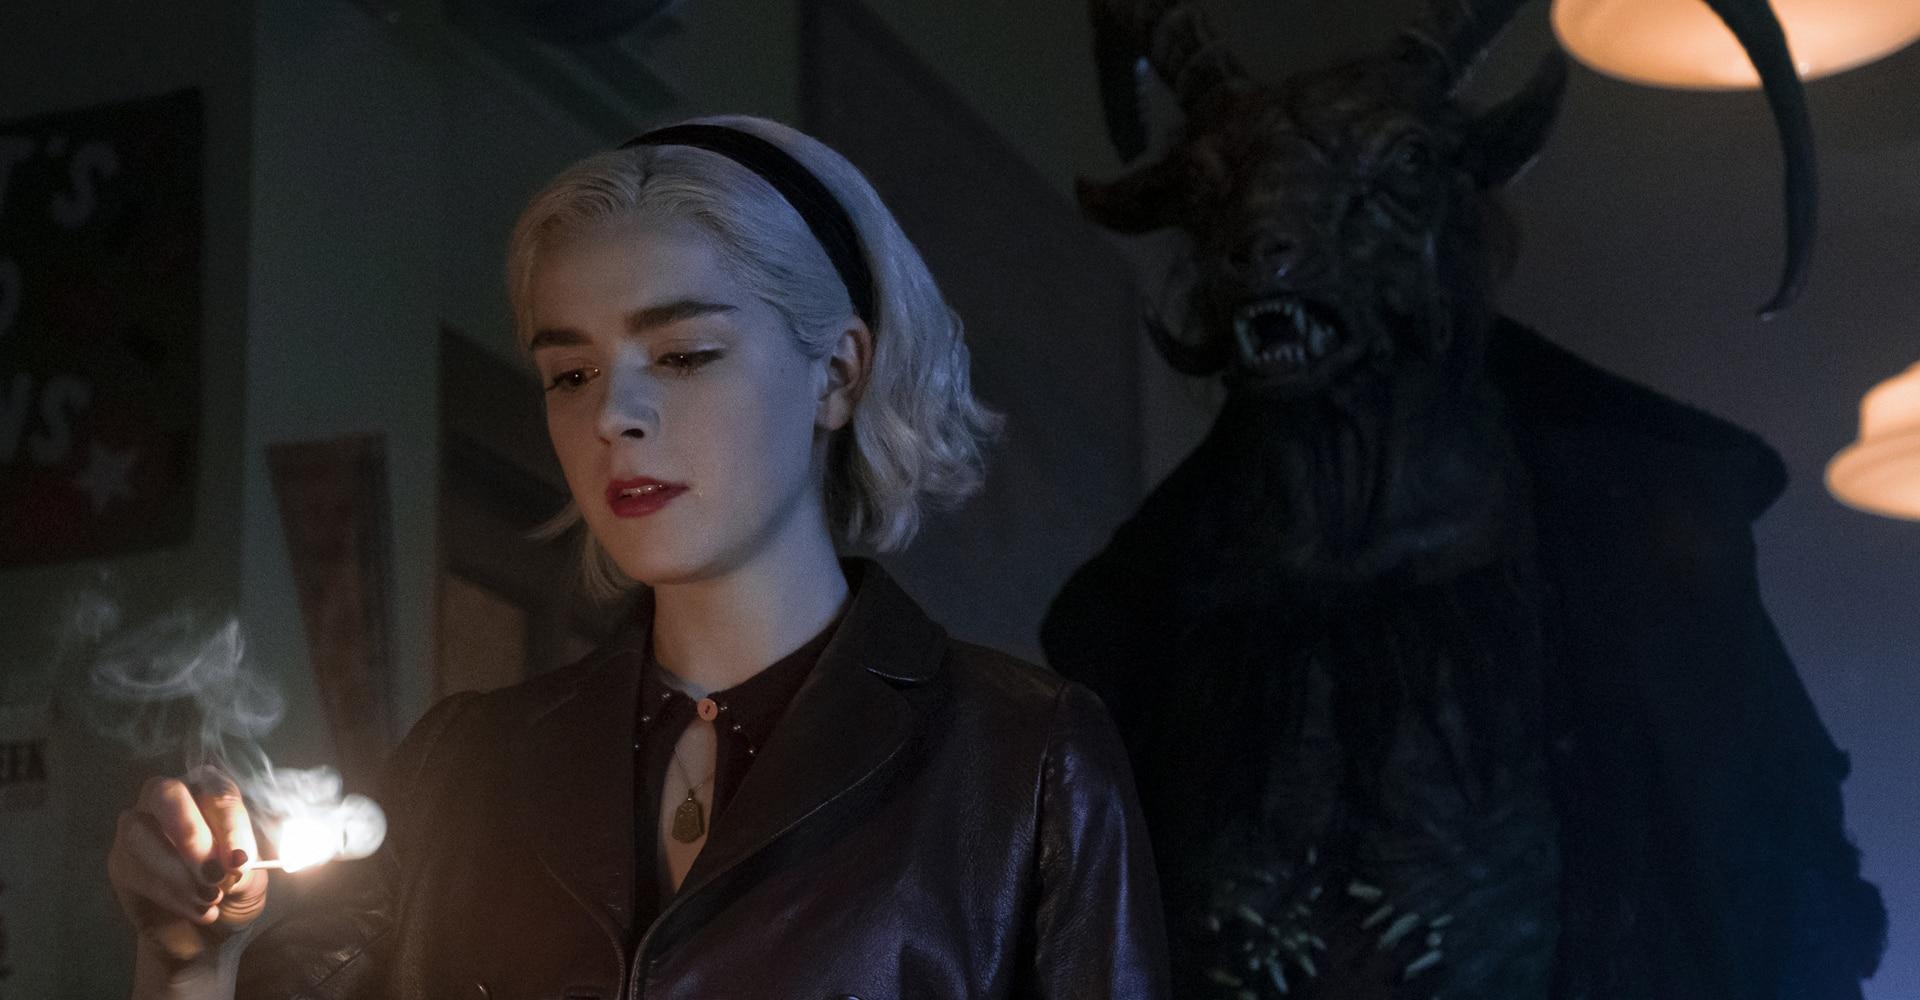 Le terrificanti avventure di Sabrina 2 Cinematographe.it